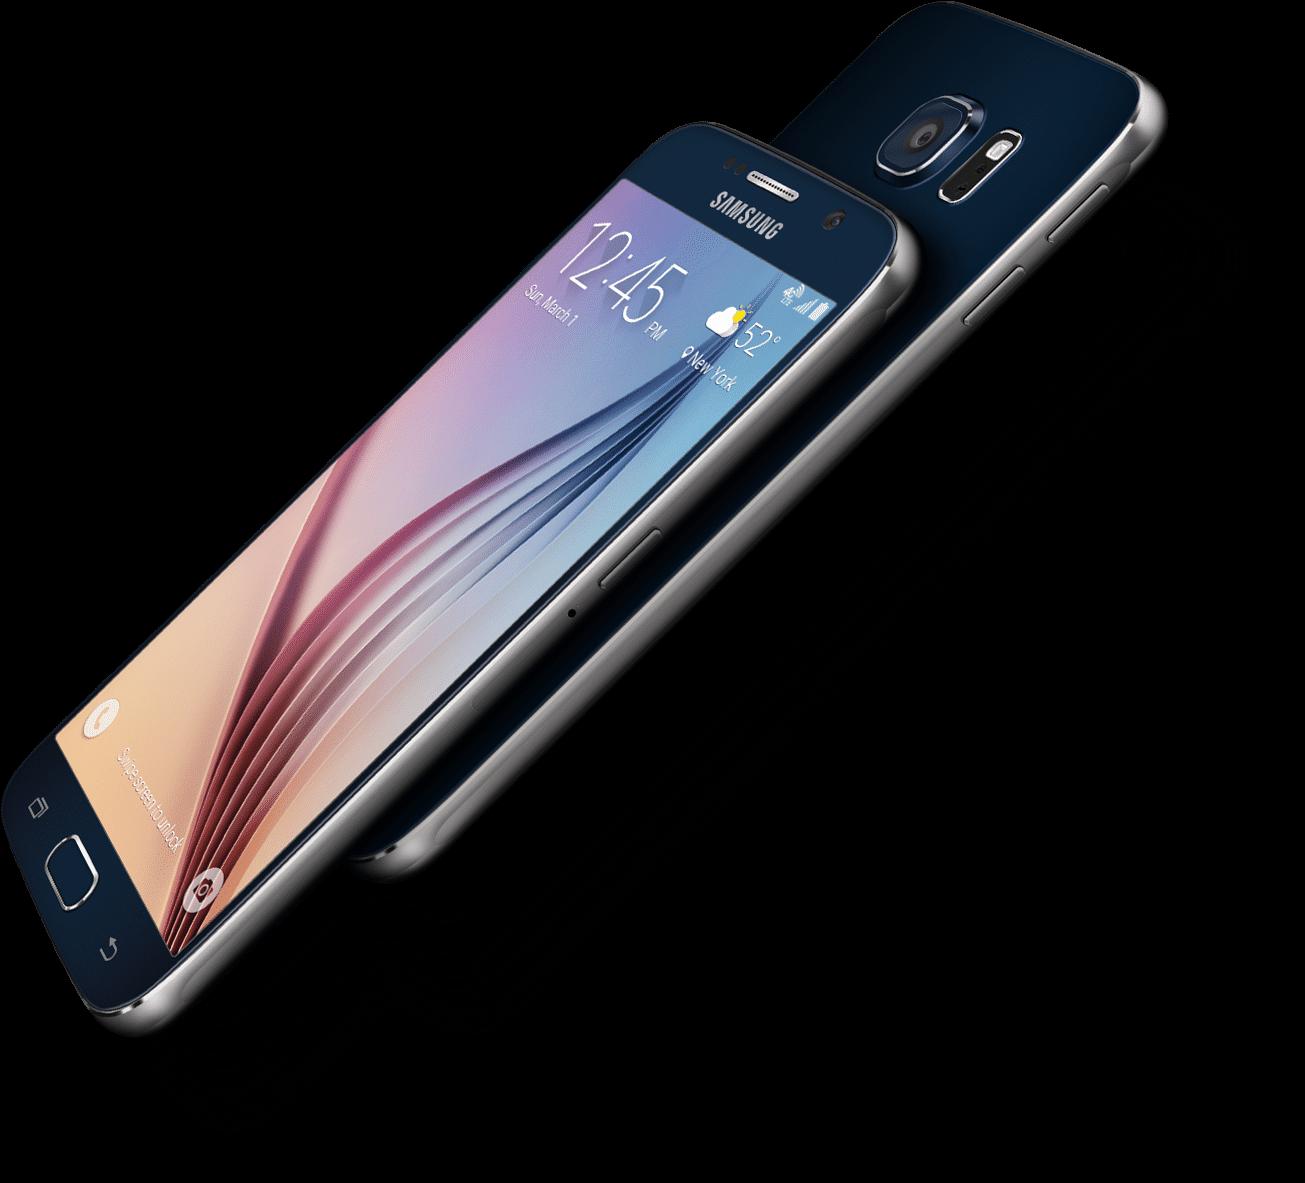 Galaxy S6 và S6 Edge nhận được 20 triệu đơn hàng - 1